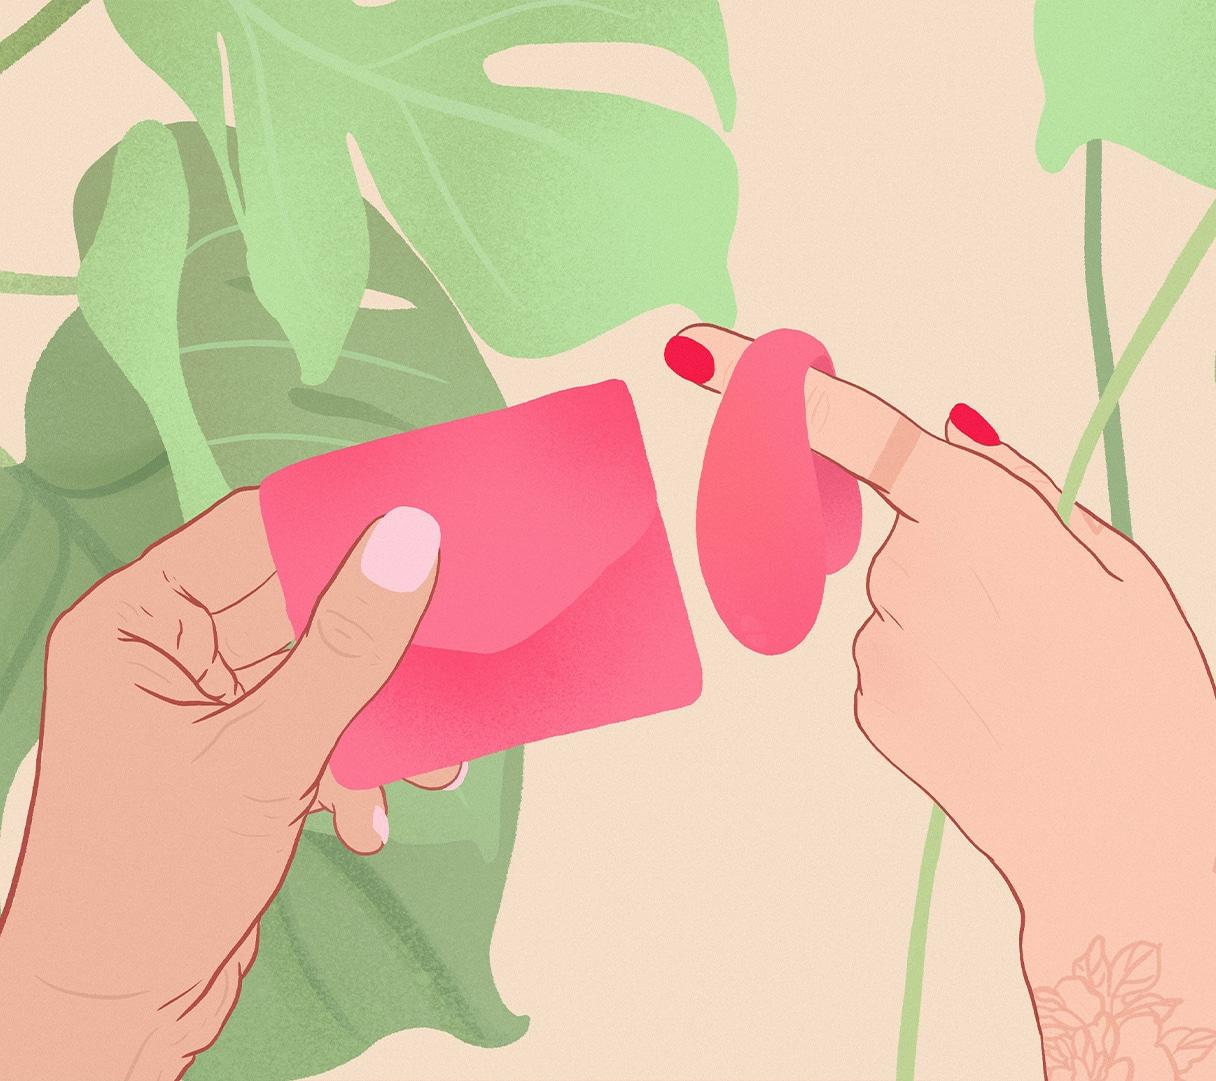 dlaczego gadzety erotyczne tyle kosztuja mobile